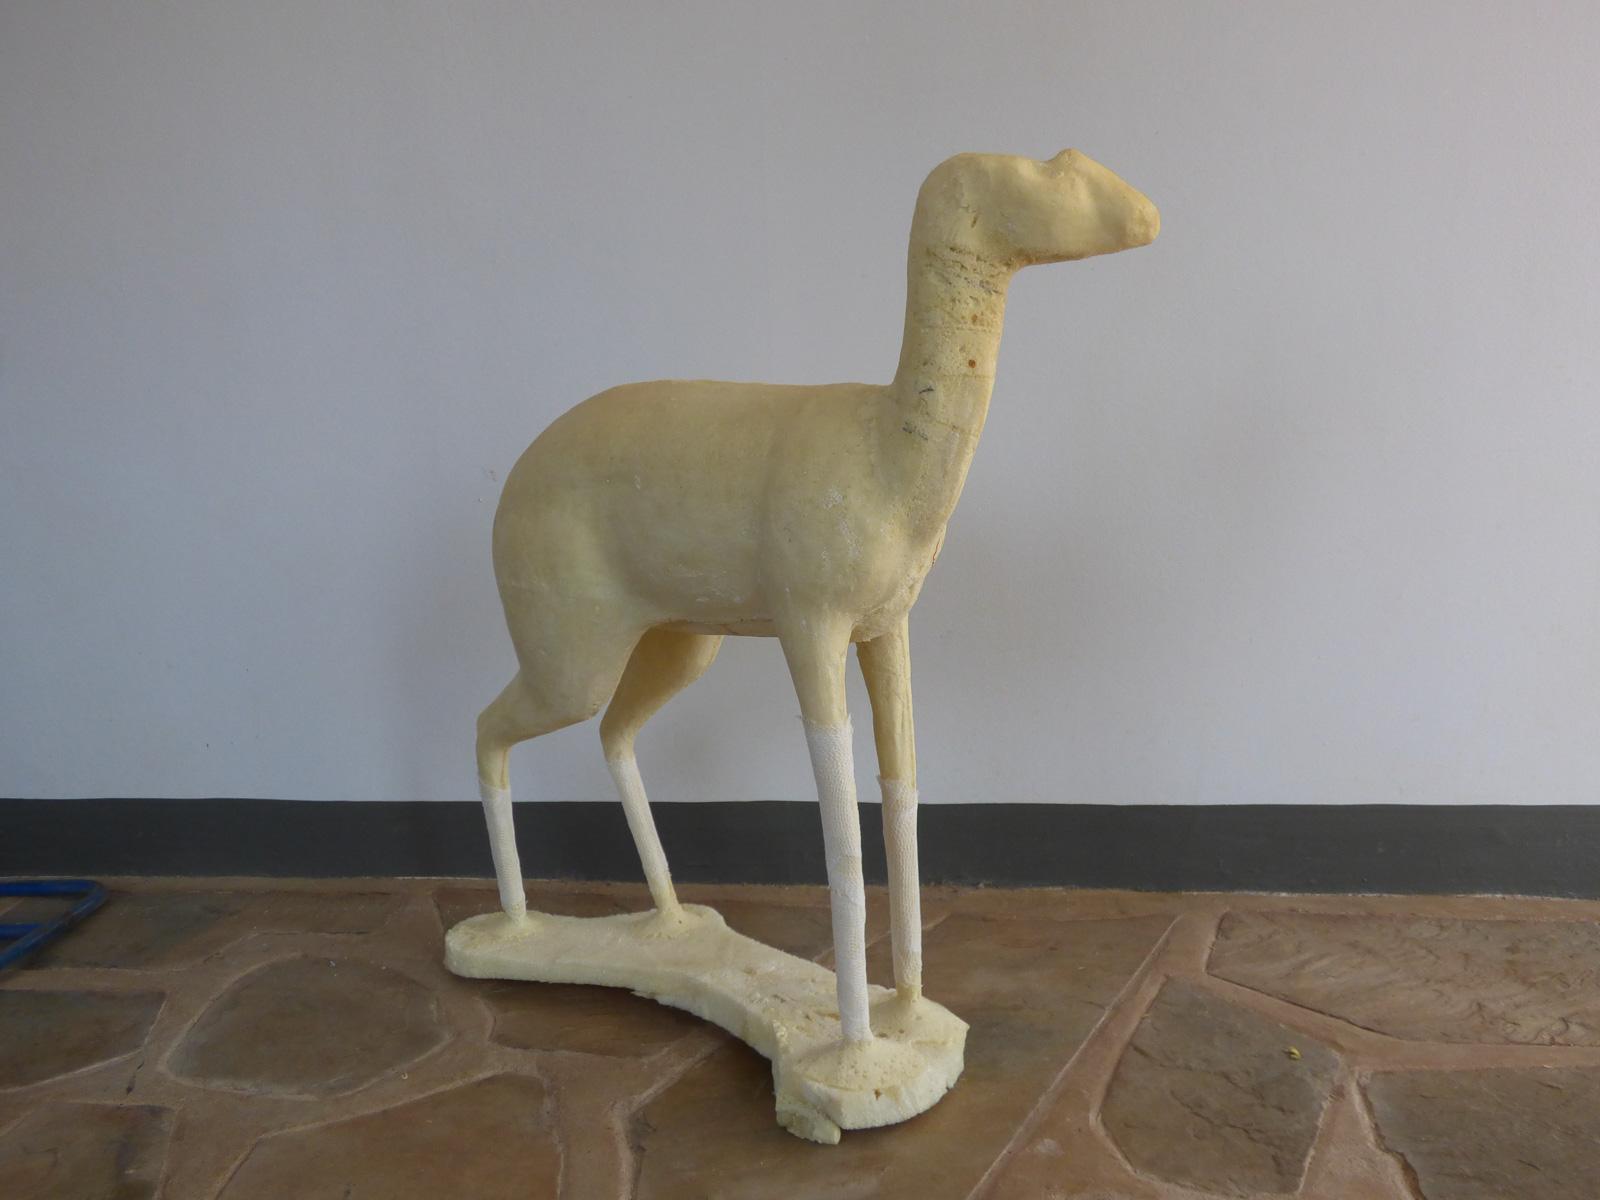 Steenbok foam mold in raw form